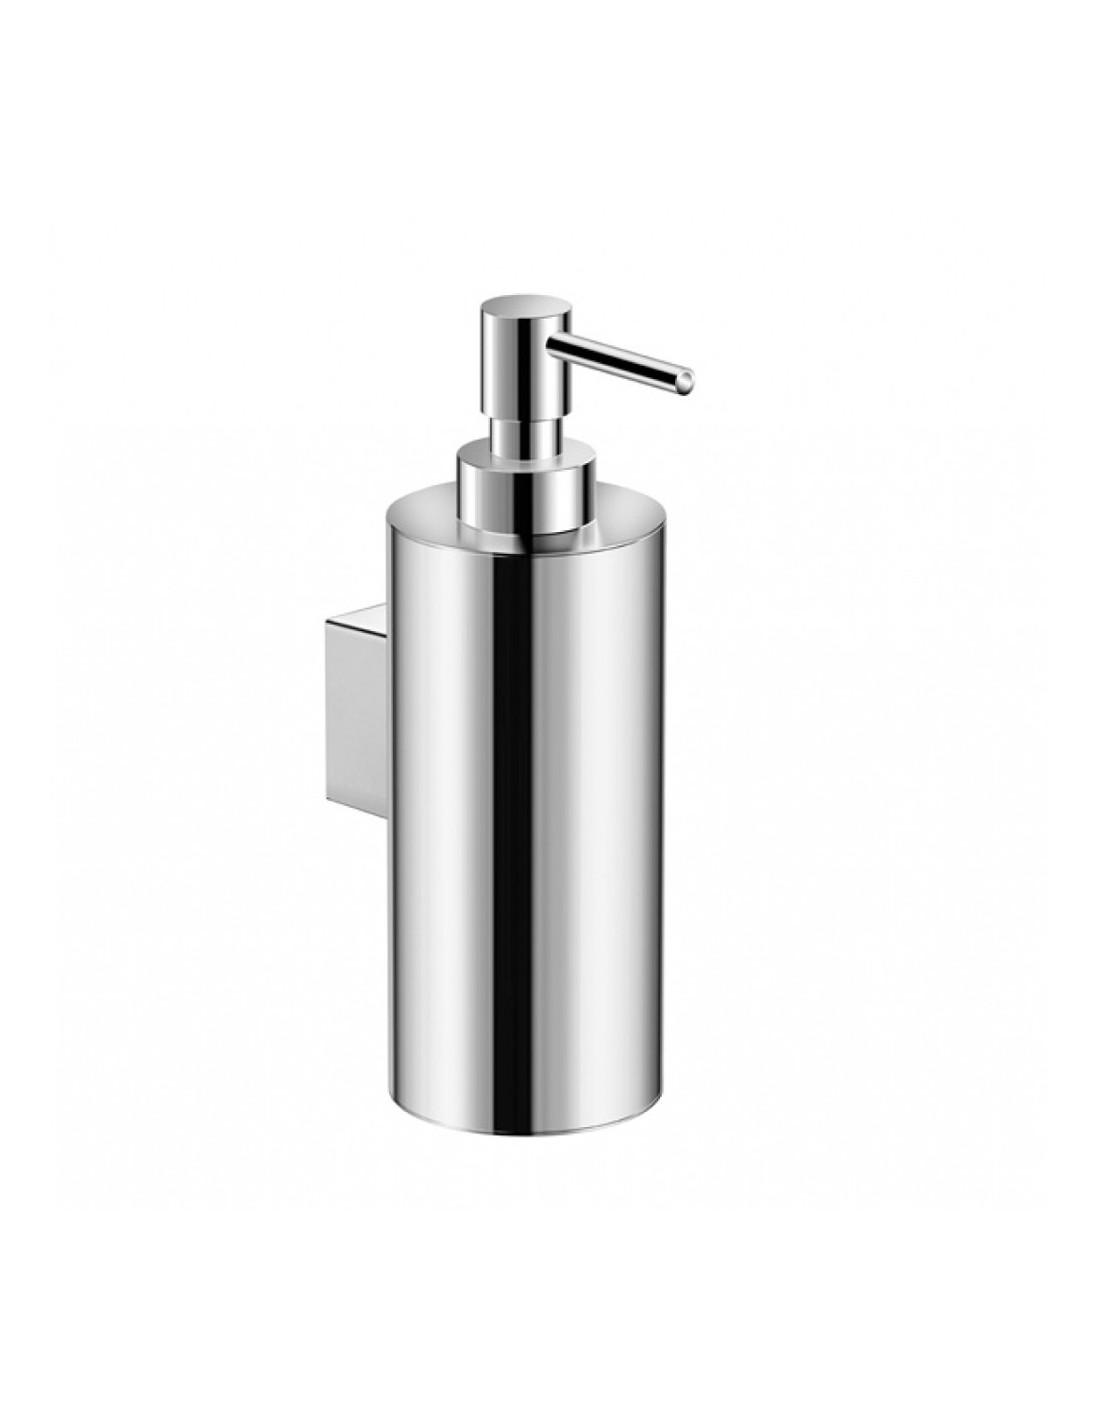 Distributeur de savon liquide mural architect for Distributeur de savon liquide mural